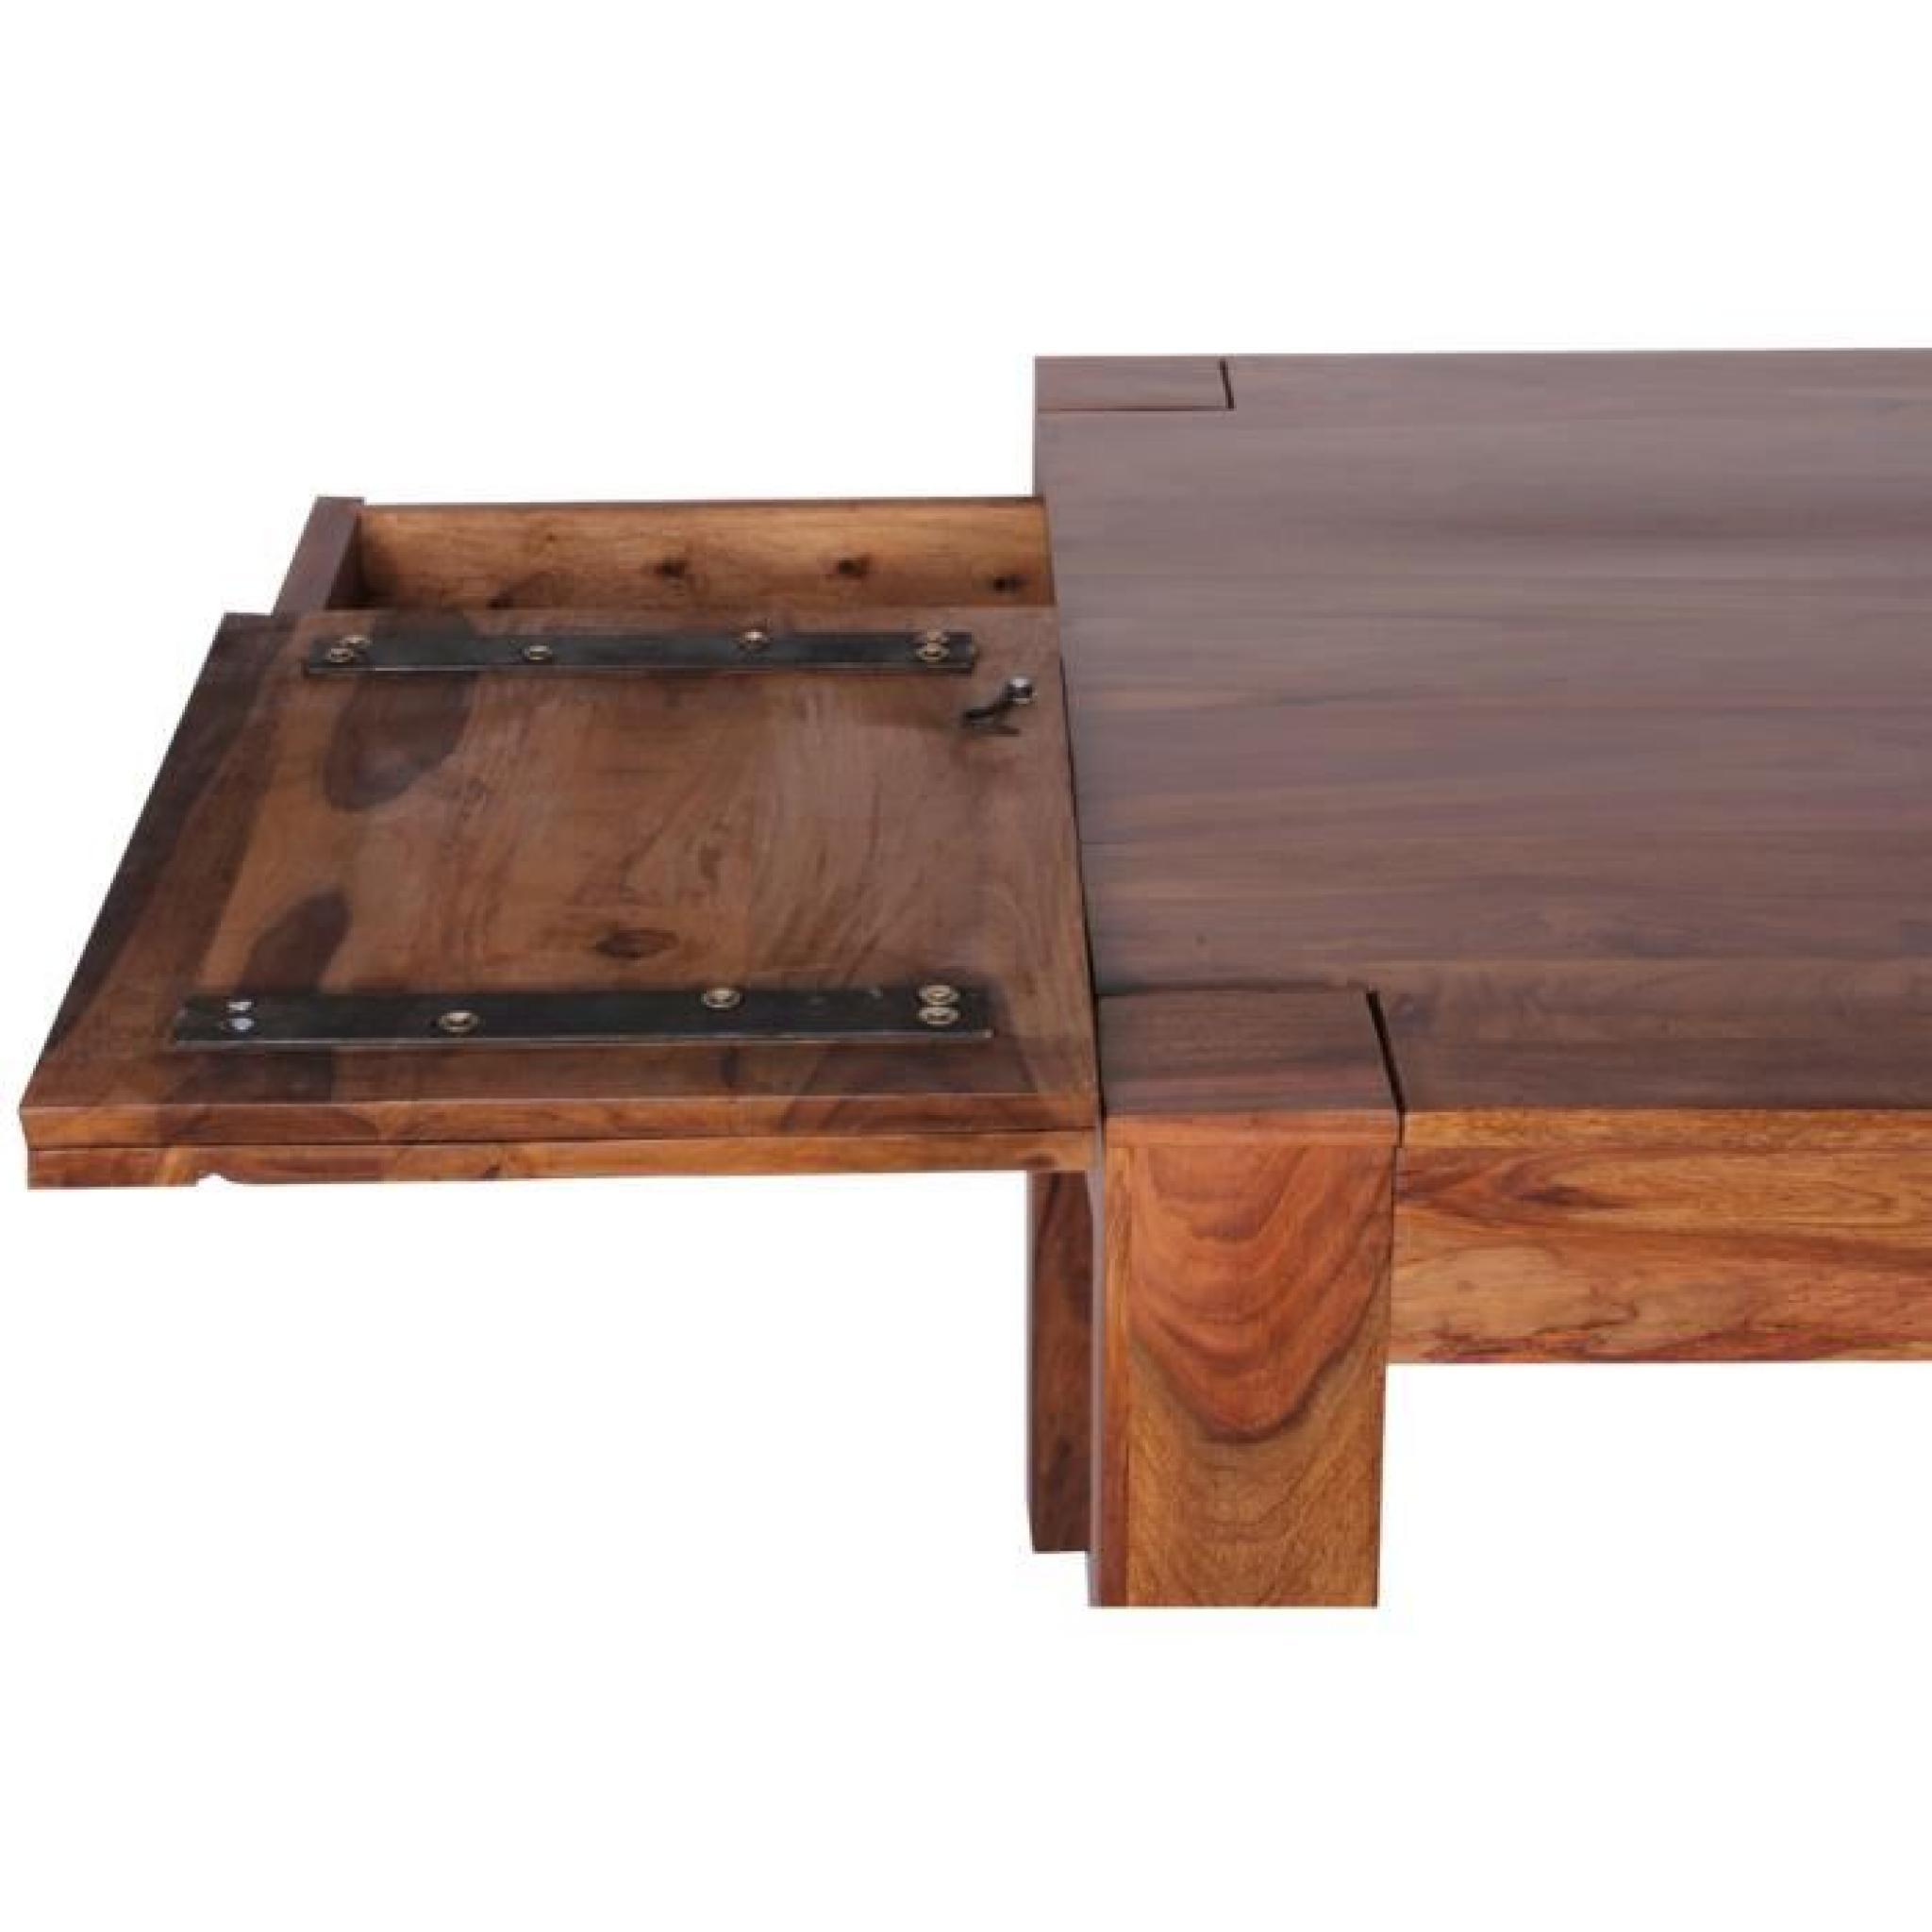 Table de salle manger en bois massif de palissandre long 160 240 x larg 100 x h 76 cm - Table salle a manger bois pas cher ...